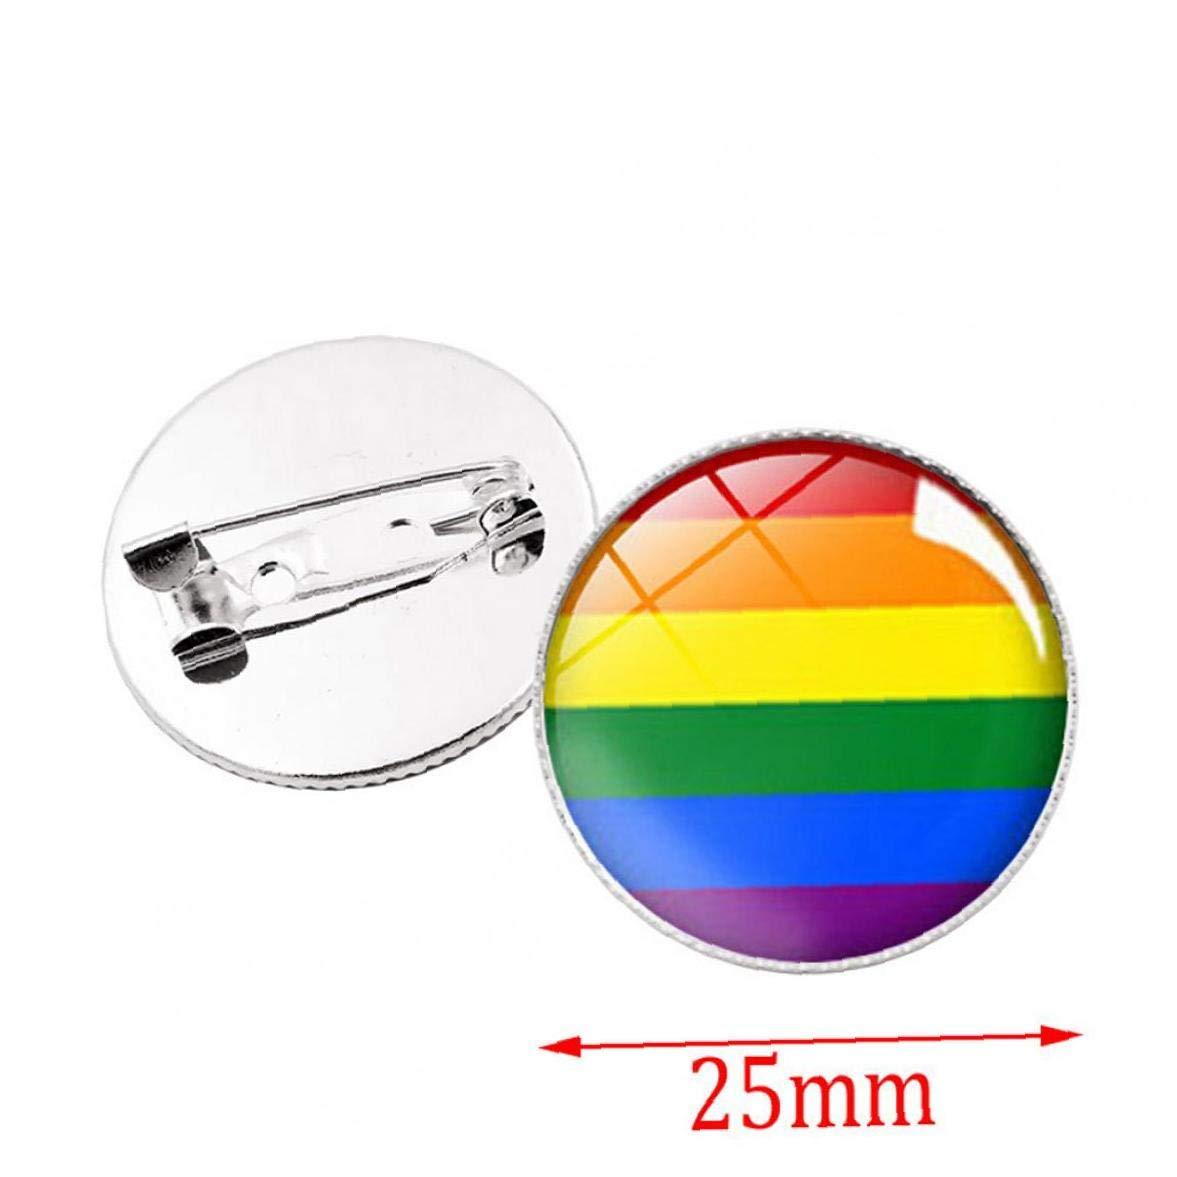 Zonfer Homosexuell Lesbian Pride-Revers-Stifte Regenbogen-Flaggen-Abzeichen Tie Tack Kleidung Dekoration